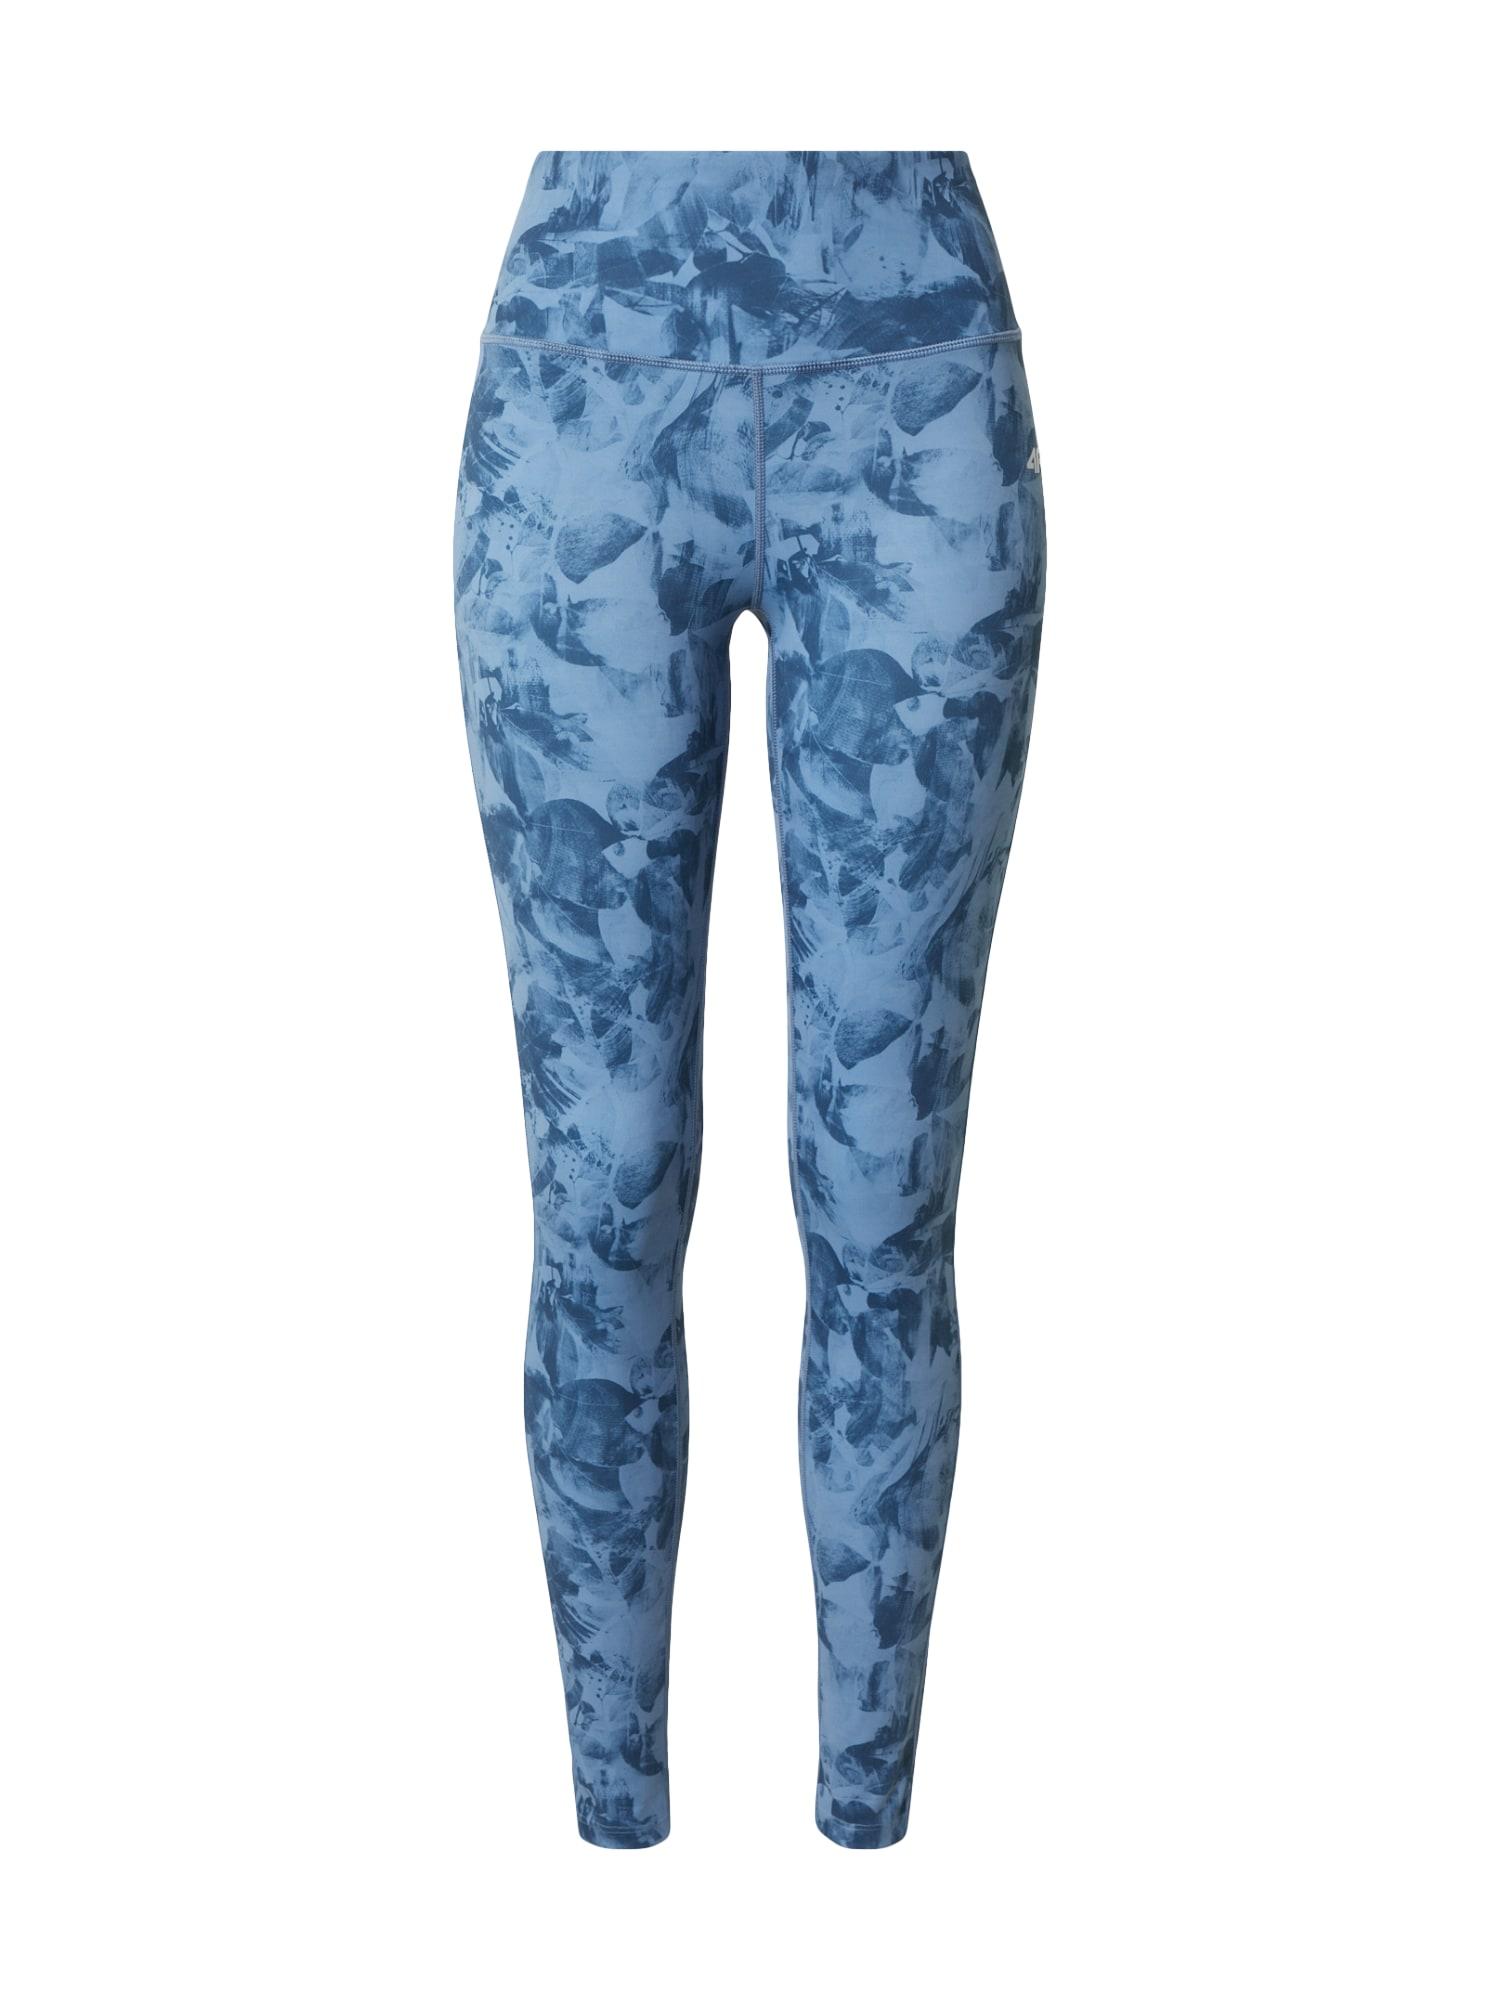 4F Sportinės kelnės mėlyna dūmų spalva / mėlyna